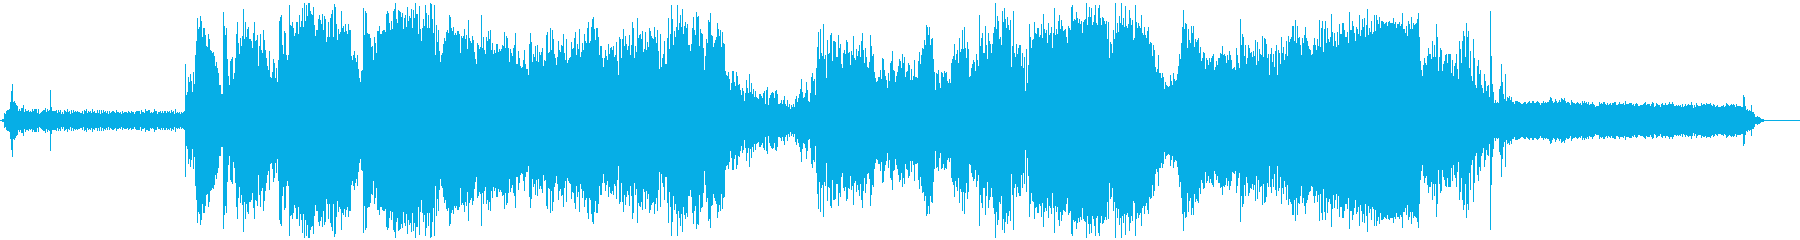 ピータービルトセミトラック:インテ...の再生済みの波形